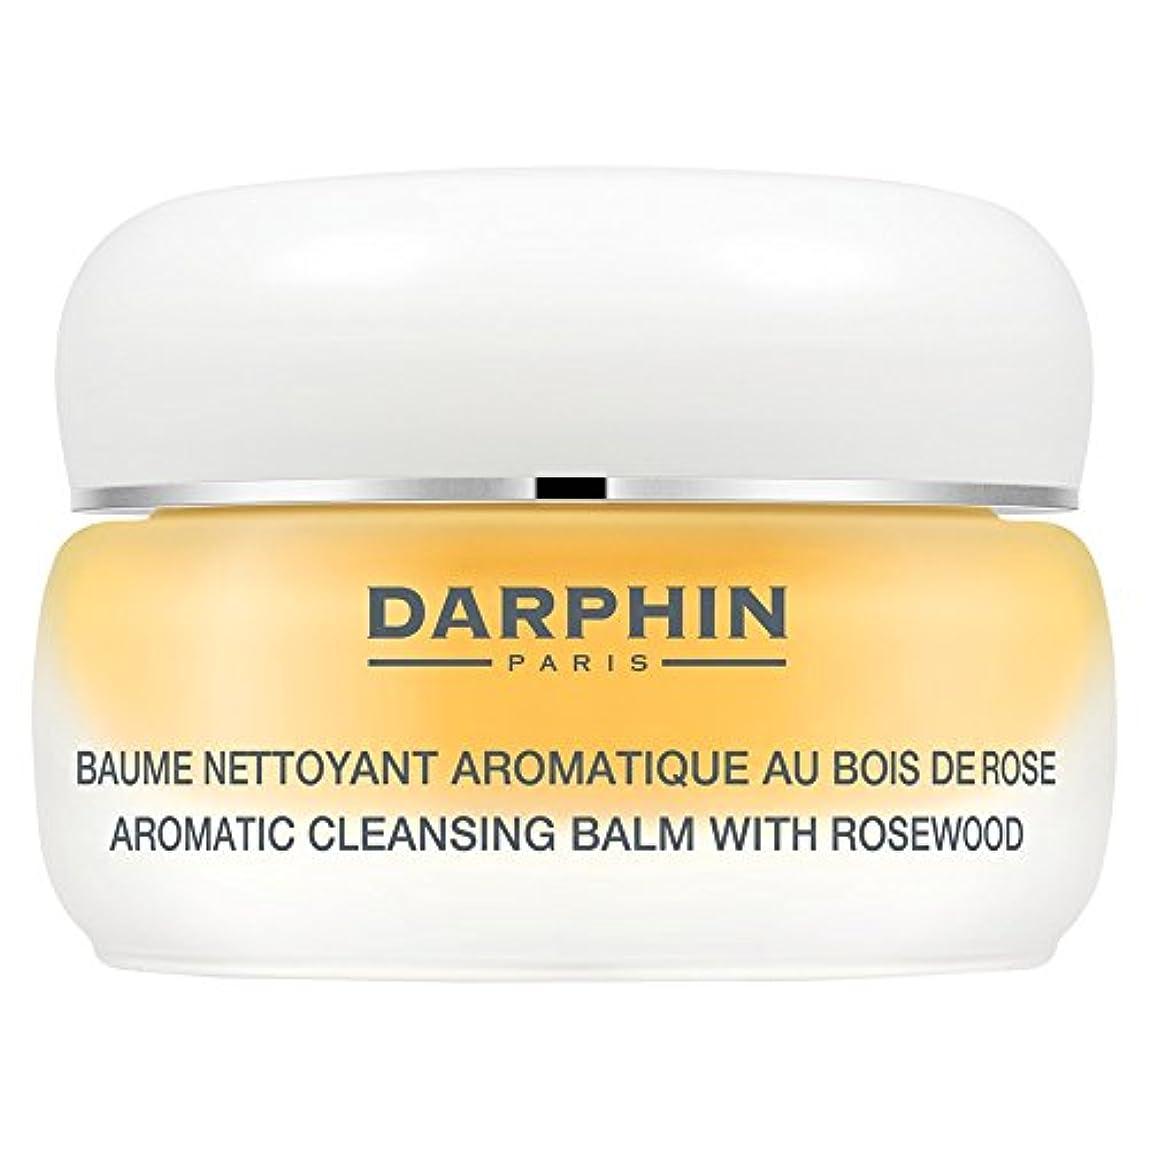 液化するプラグ保有者ダルファン芳香族クレンジングバーム40ミリリットル (Darphin) - Darphin Aromatic Cleansing Balm 40ml [並行輸入品]